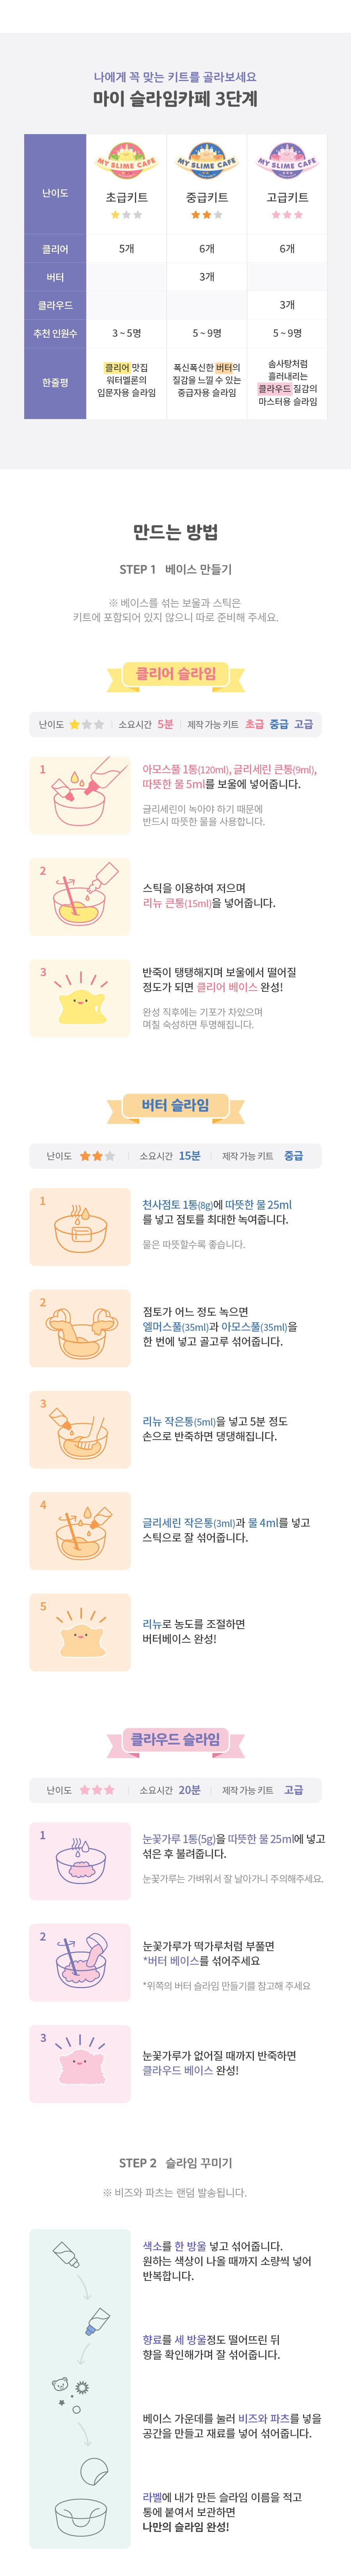 마이 슬라임카페 중급 키트 MA02 랜덤박스 만들기 - 워터멜론, 54,890원, 작동완구, 슬라임